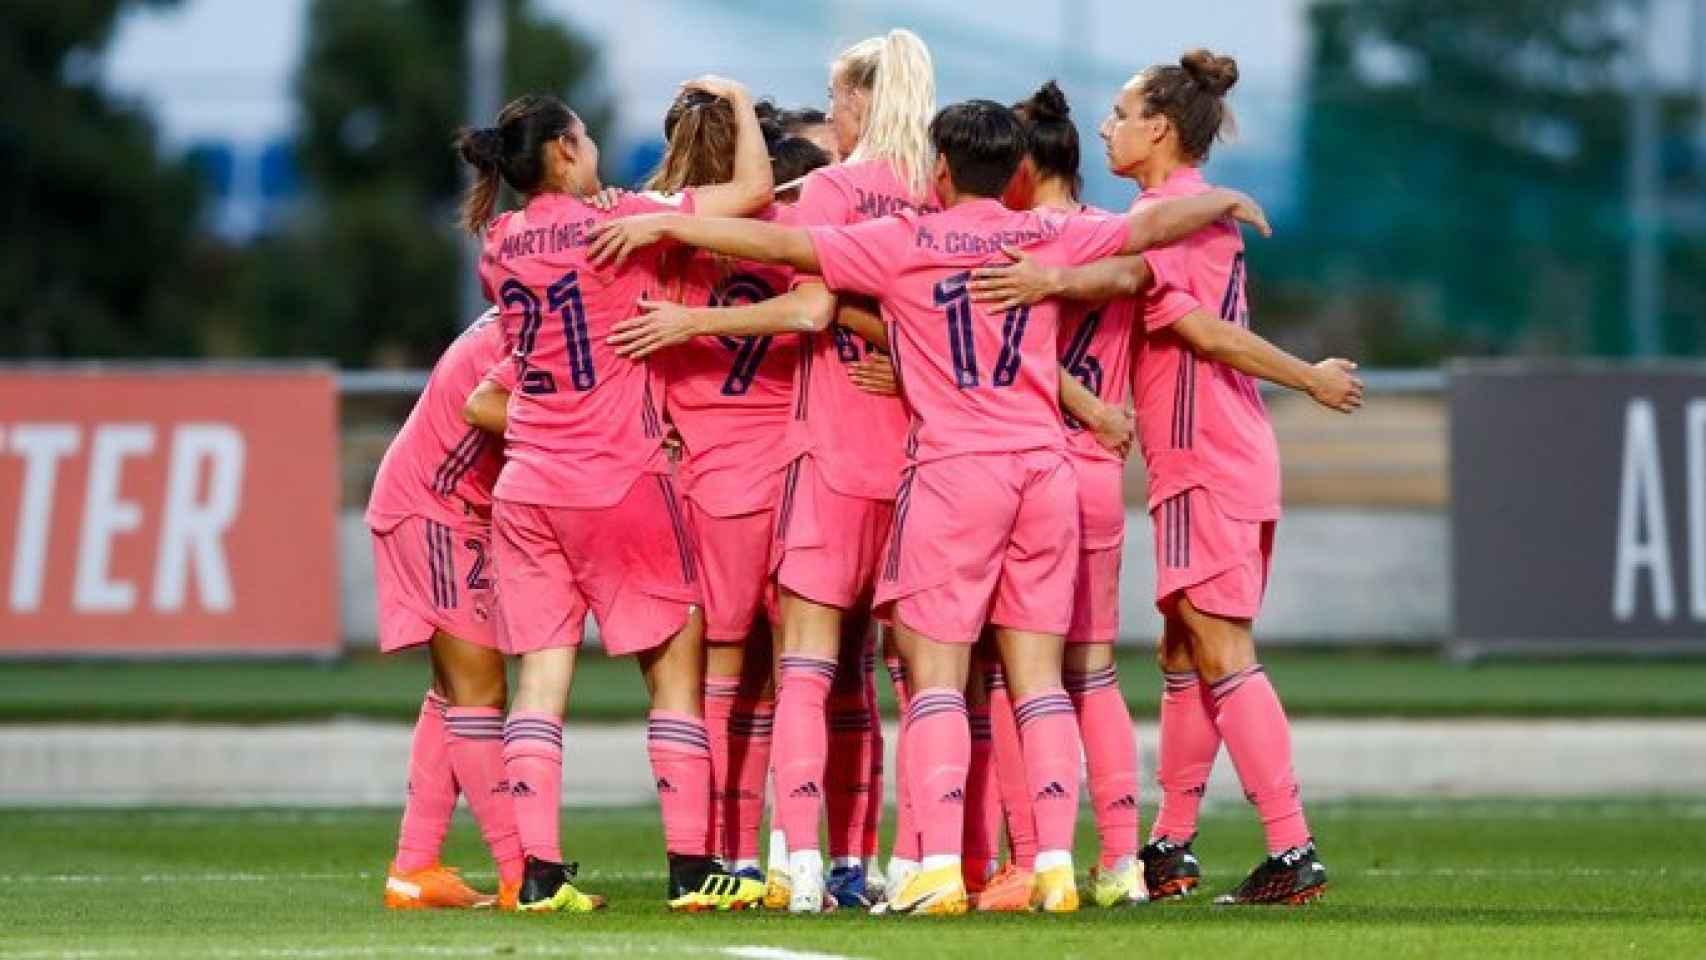 Piña del Real Madrid Femenino celebrando un gol